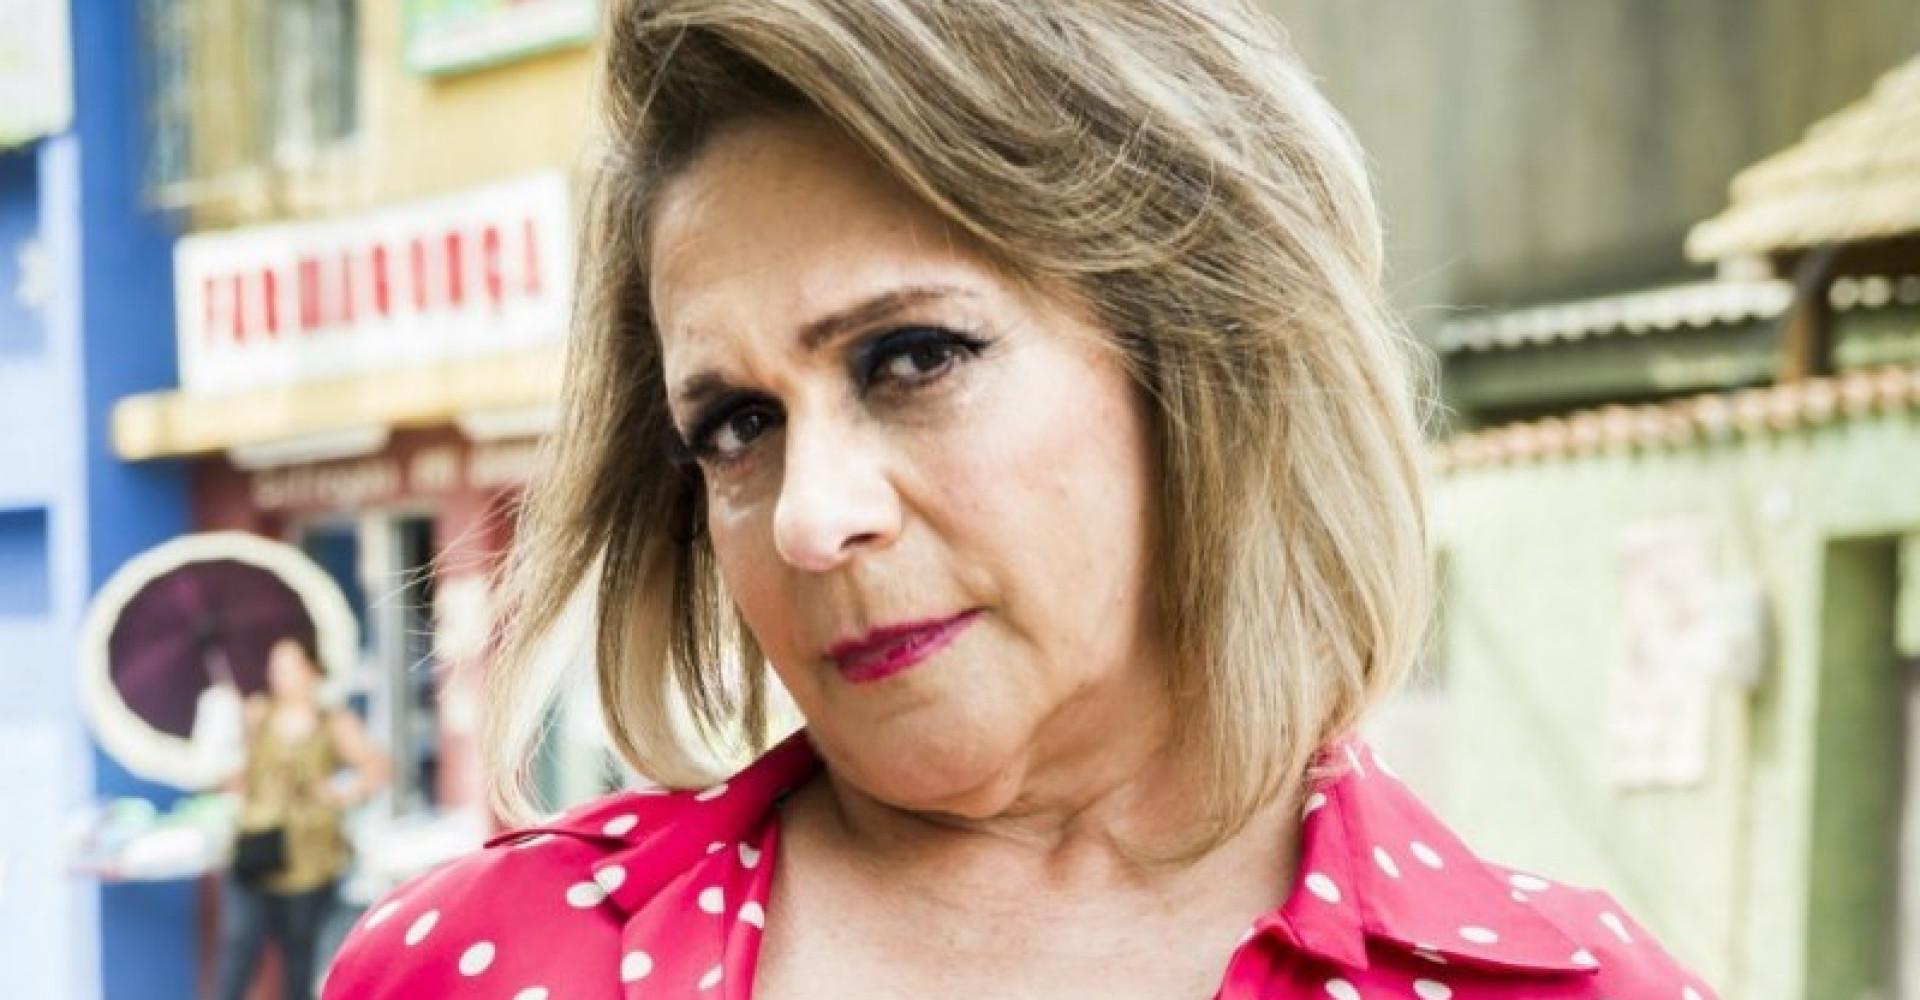 Fafy Siqueira sobre novo contrato na Globo: 'Achei que era trote'